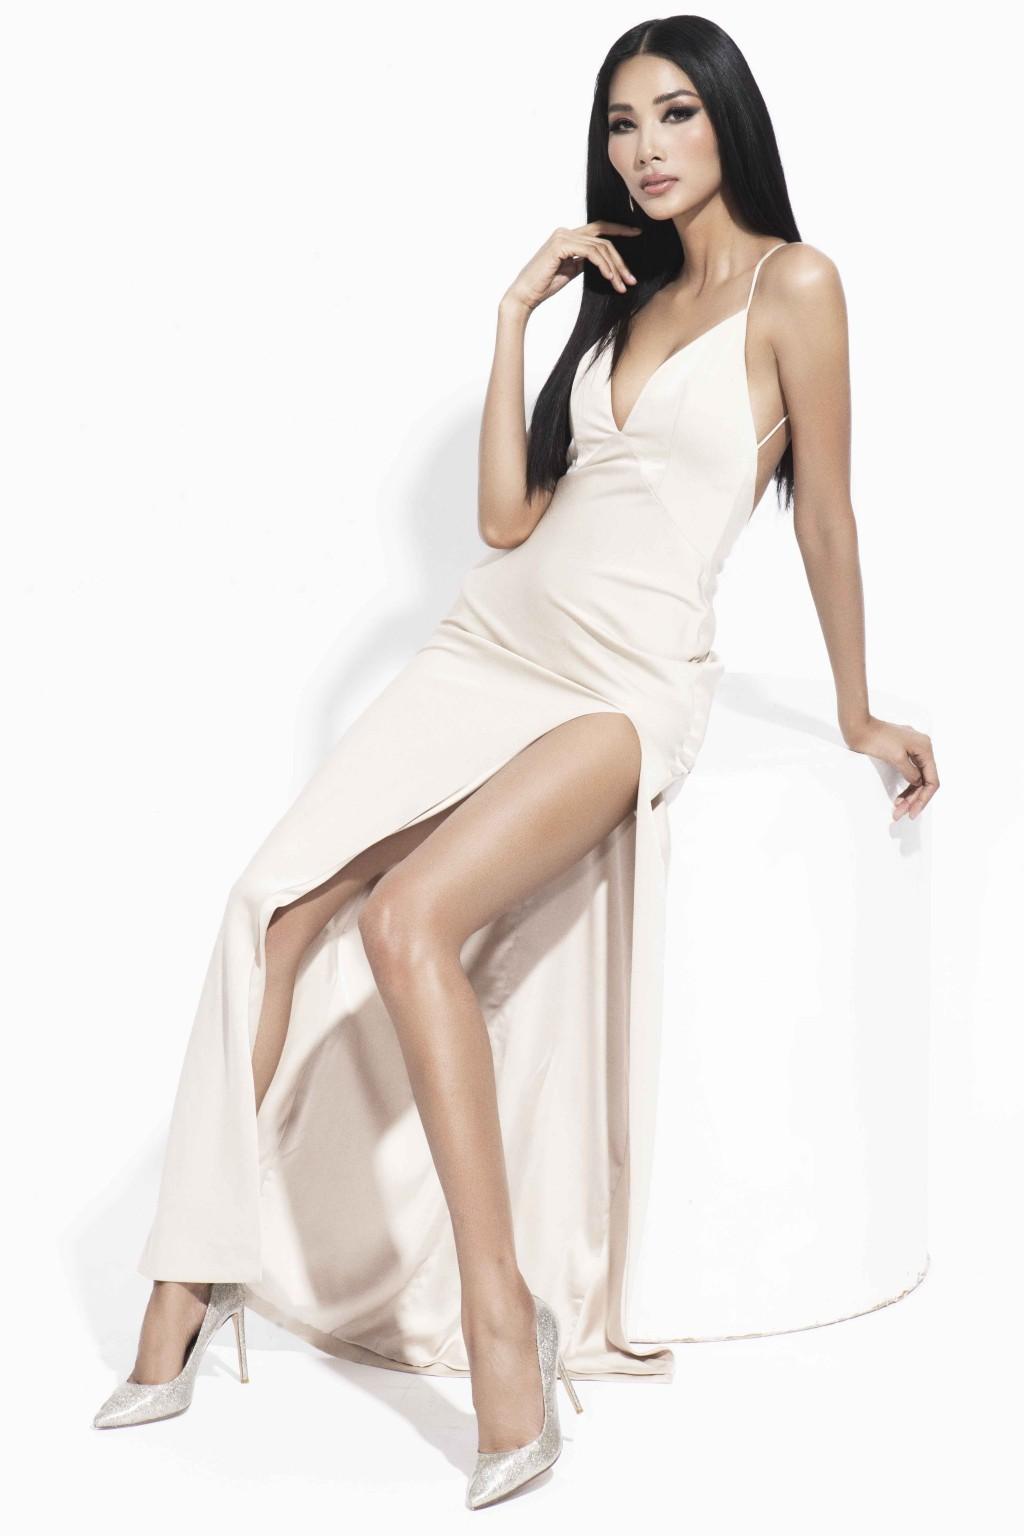 Hoàng Thùy xác nhận bằng tiếng Anh là đại diện Việt Nam tham dự Miss Universe 2019? - Ảnh 3.